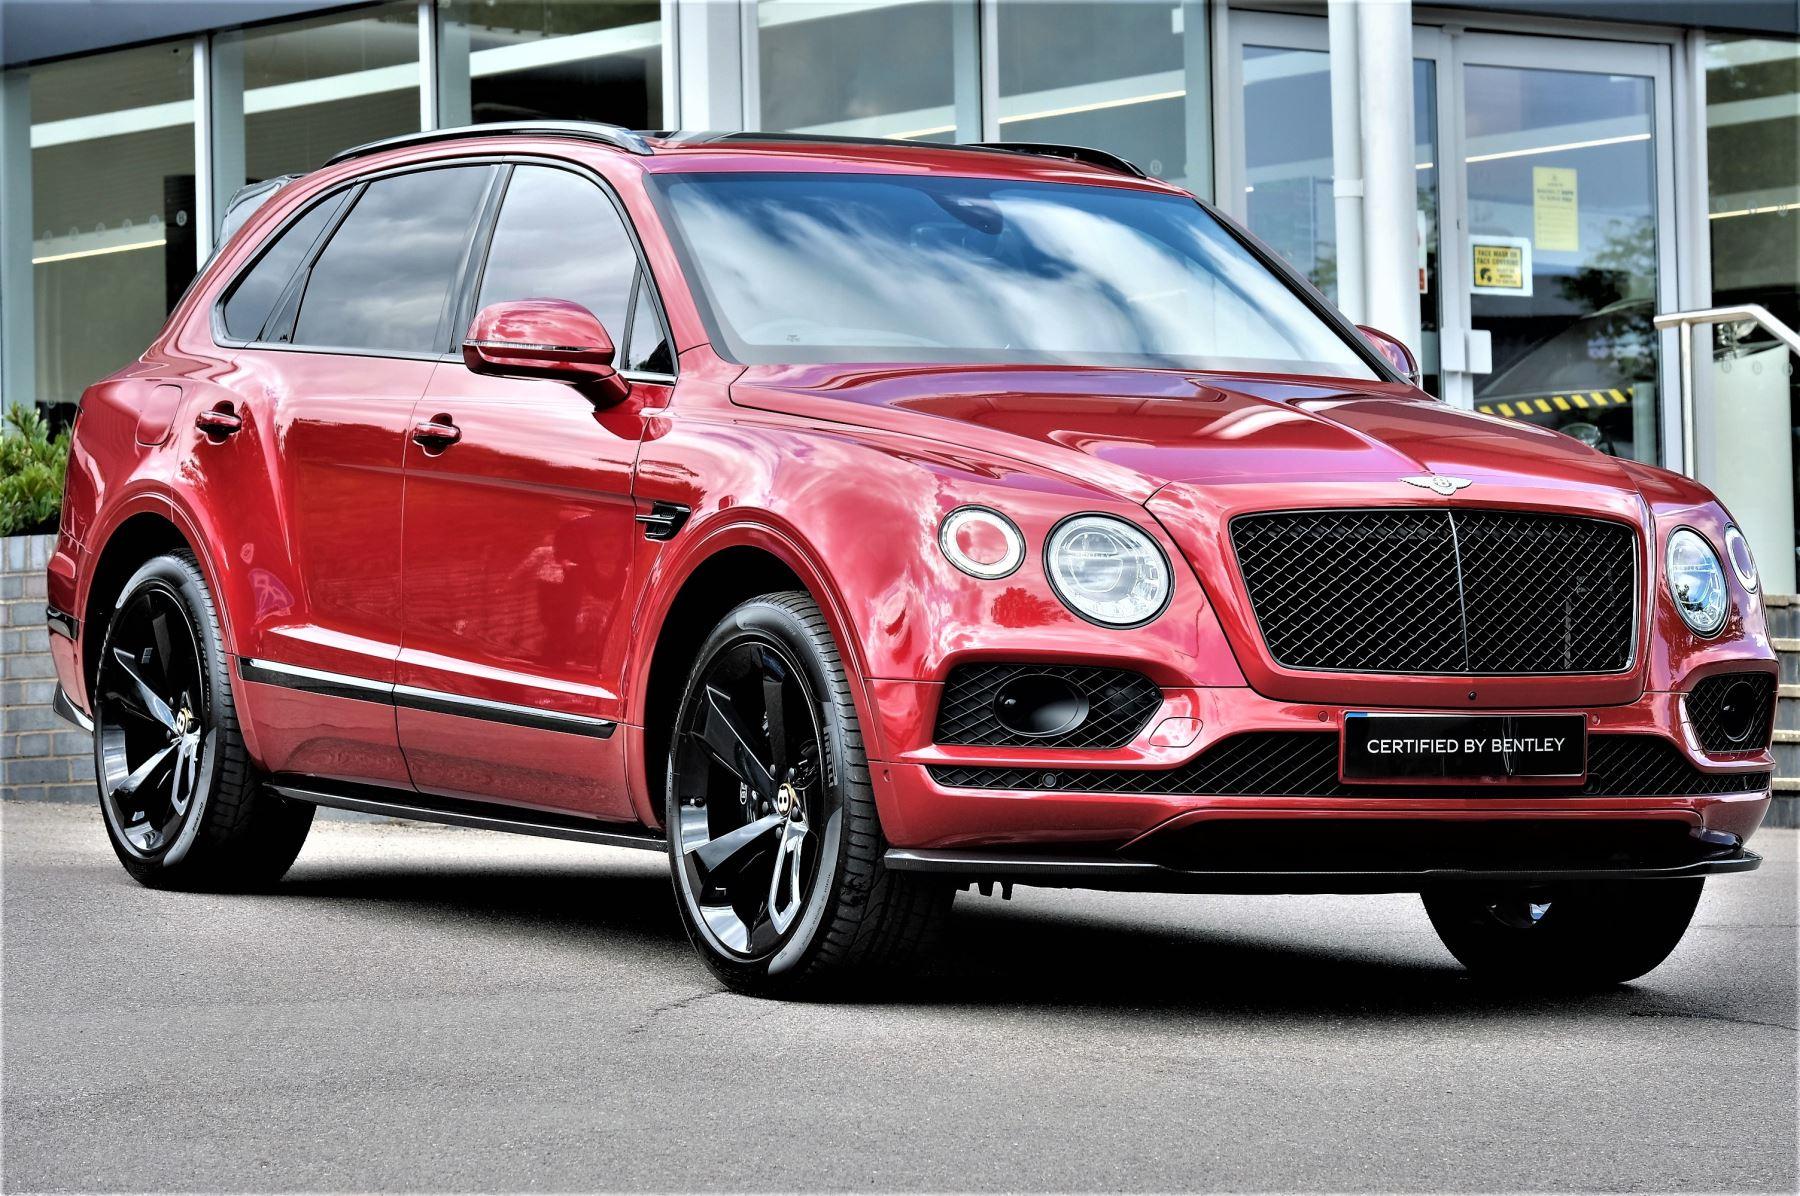 Bentley Bentayga V8 4.0 V8 5dr Mulliner Driving Specification image 1